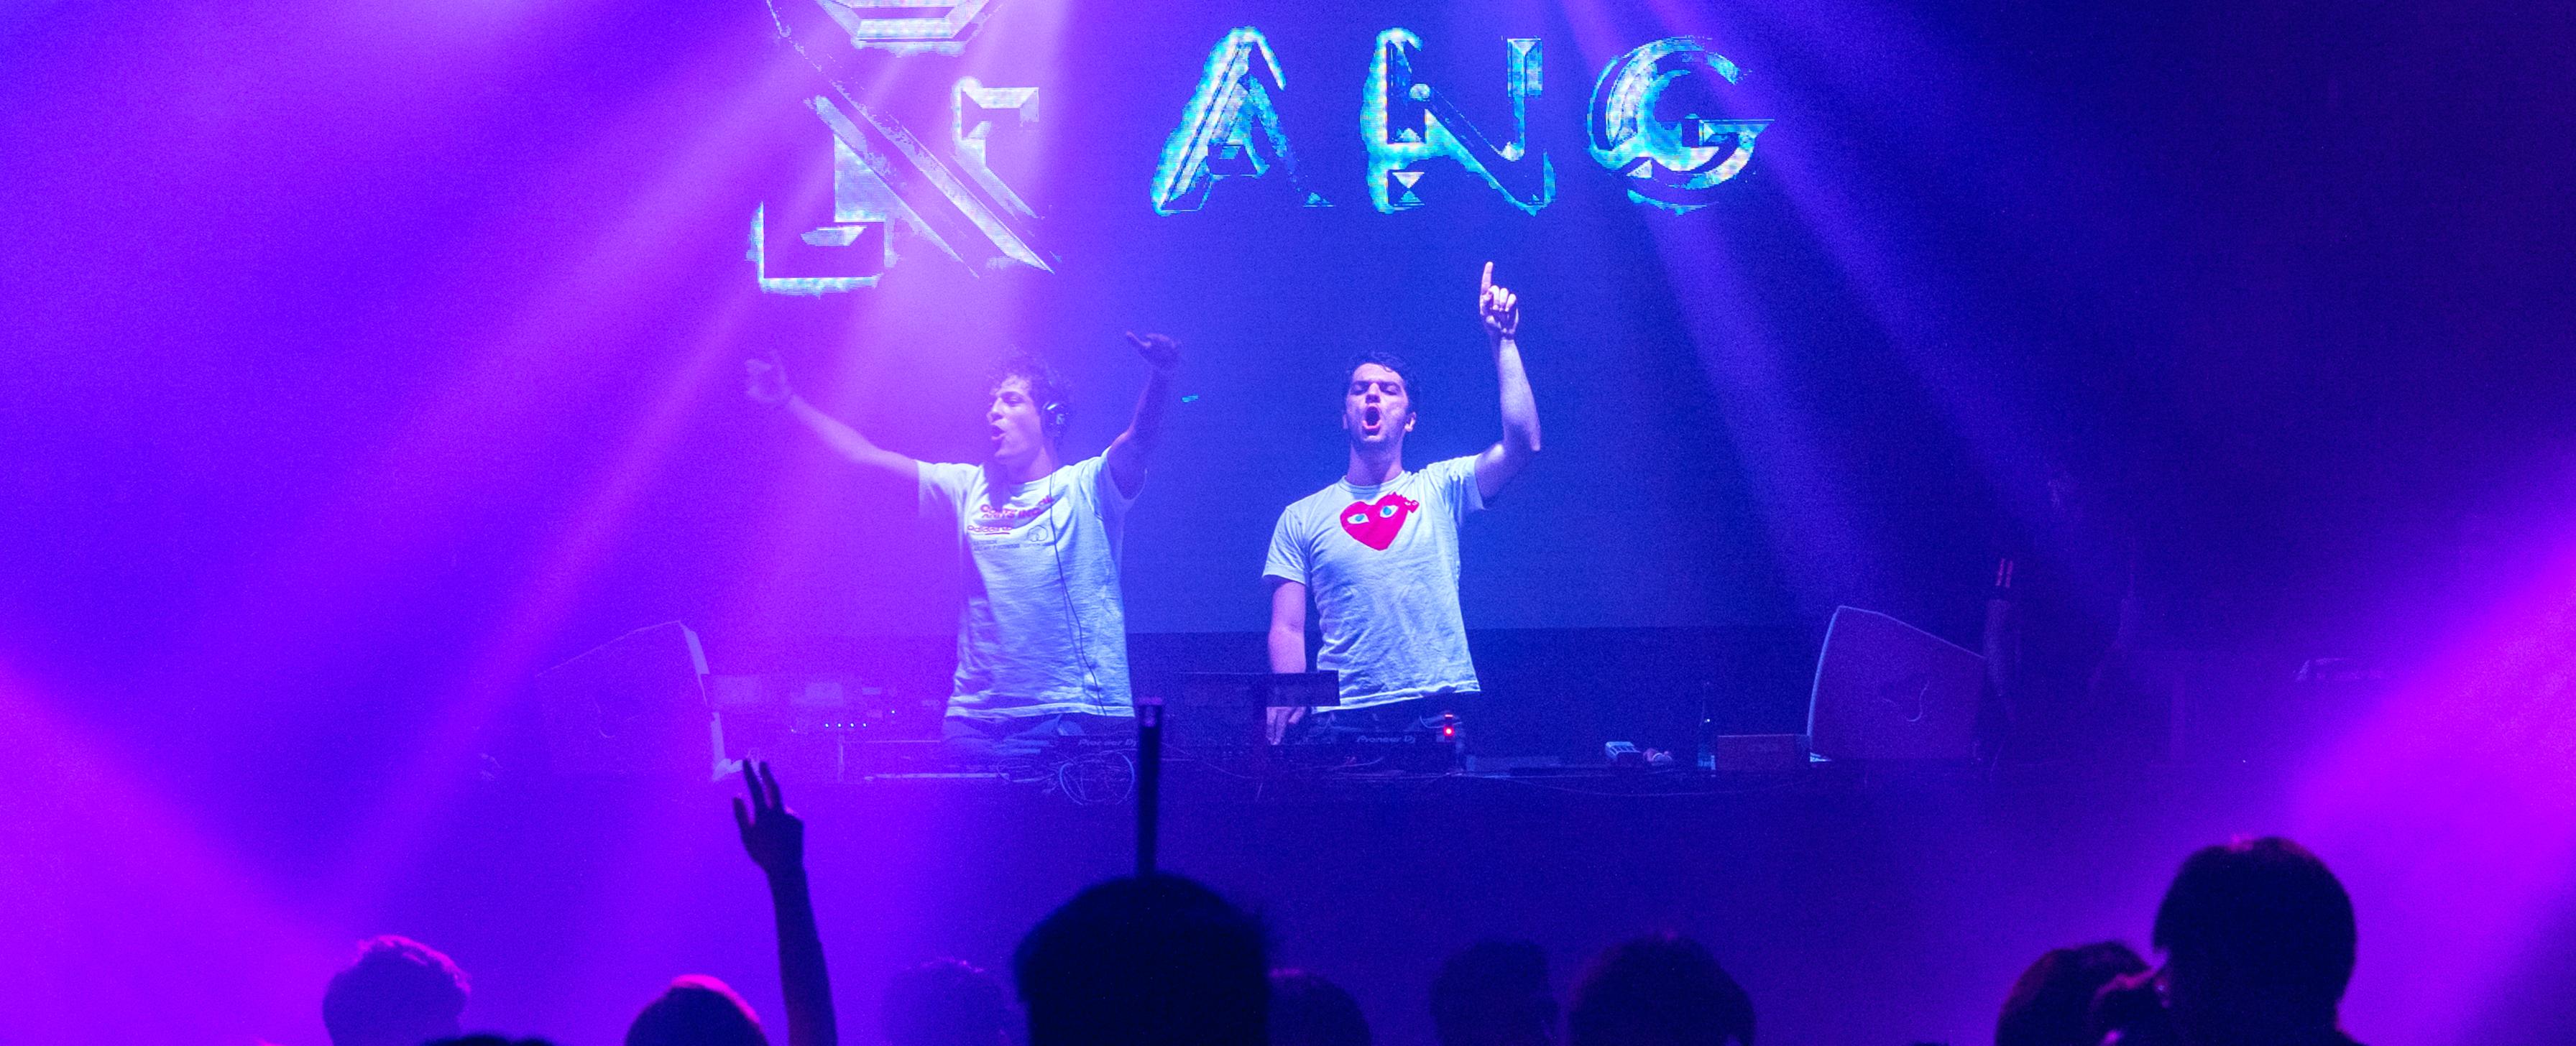 """ANG presenta """"Rave City"""" primer lanzamiento mexicano en """"Rave Culture"""" con W&W"""